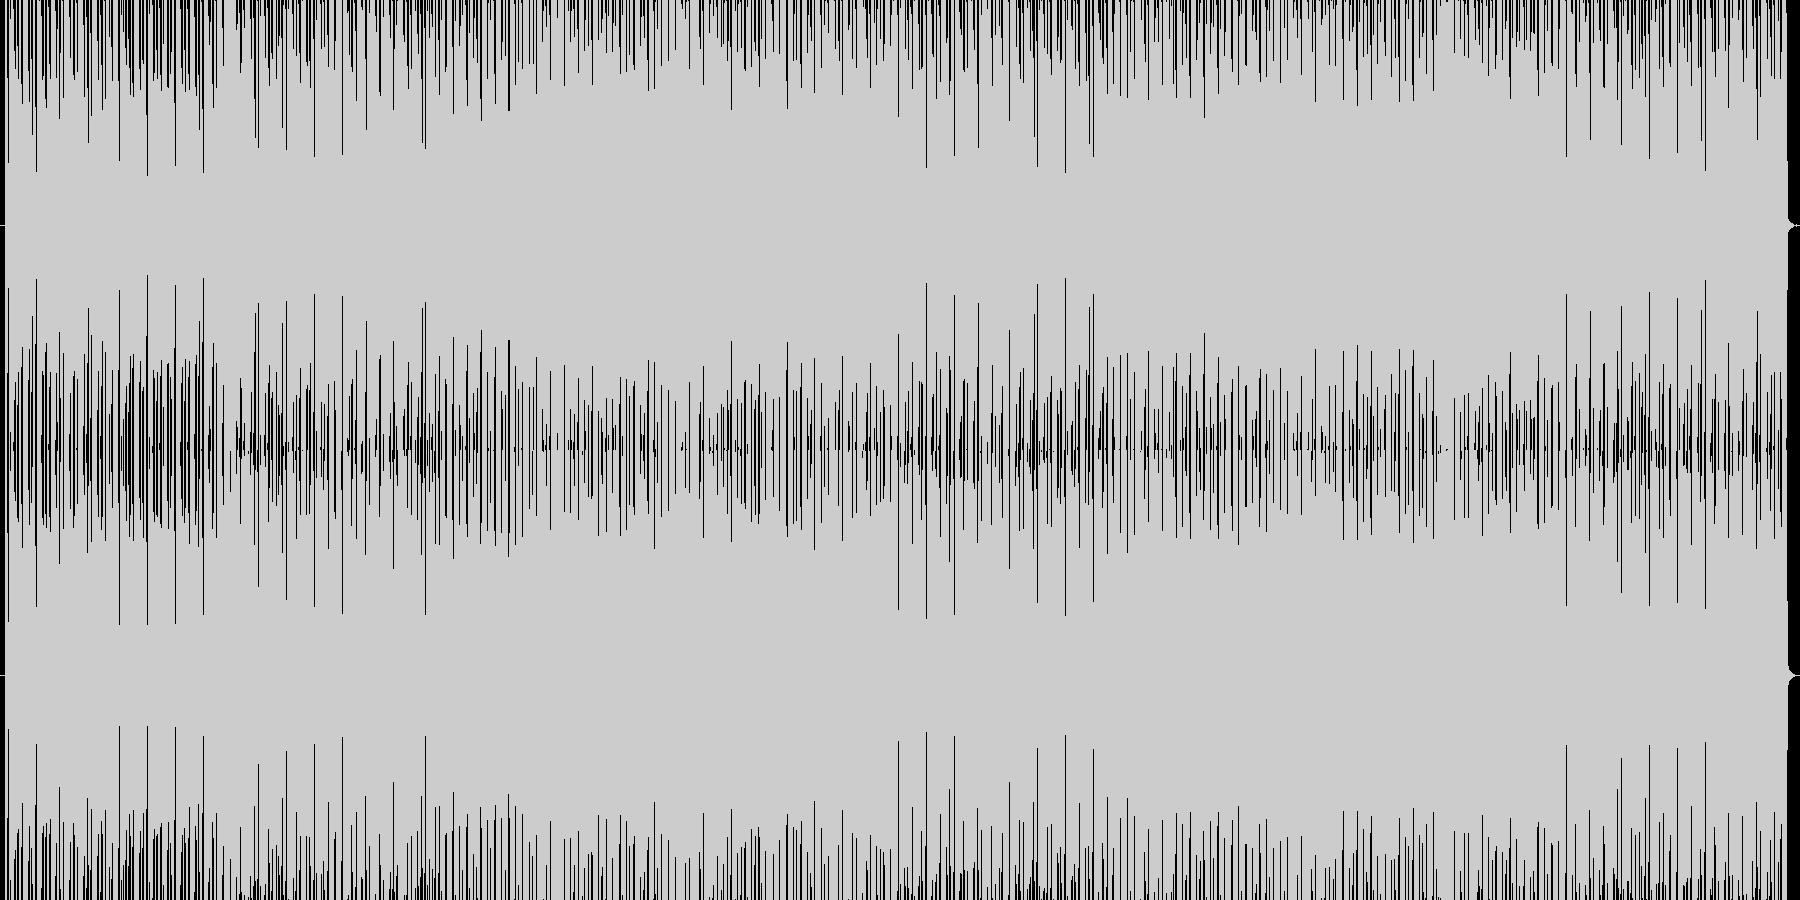 ピコピコしたパズルゲーム風テクノポップの未再生の波形